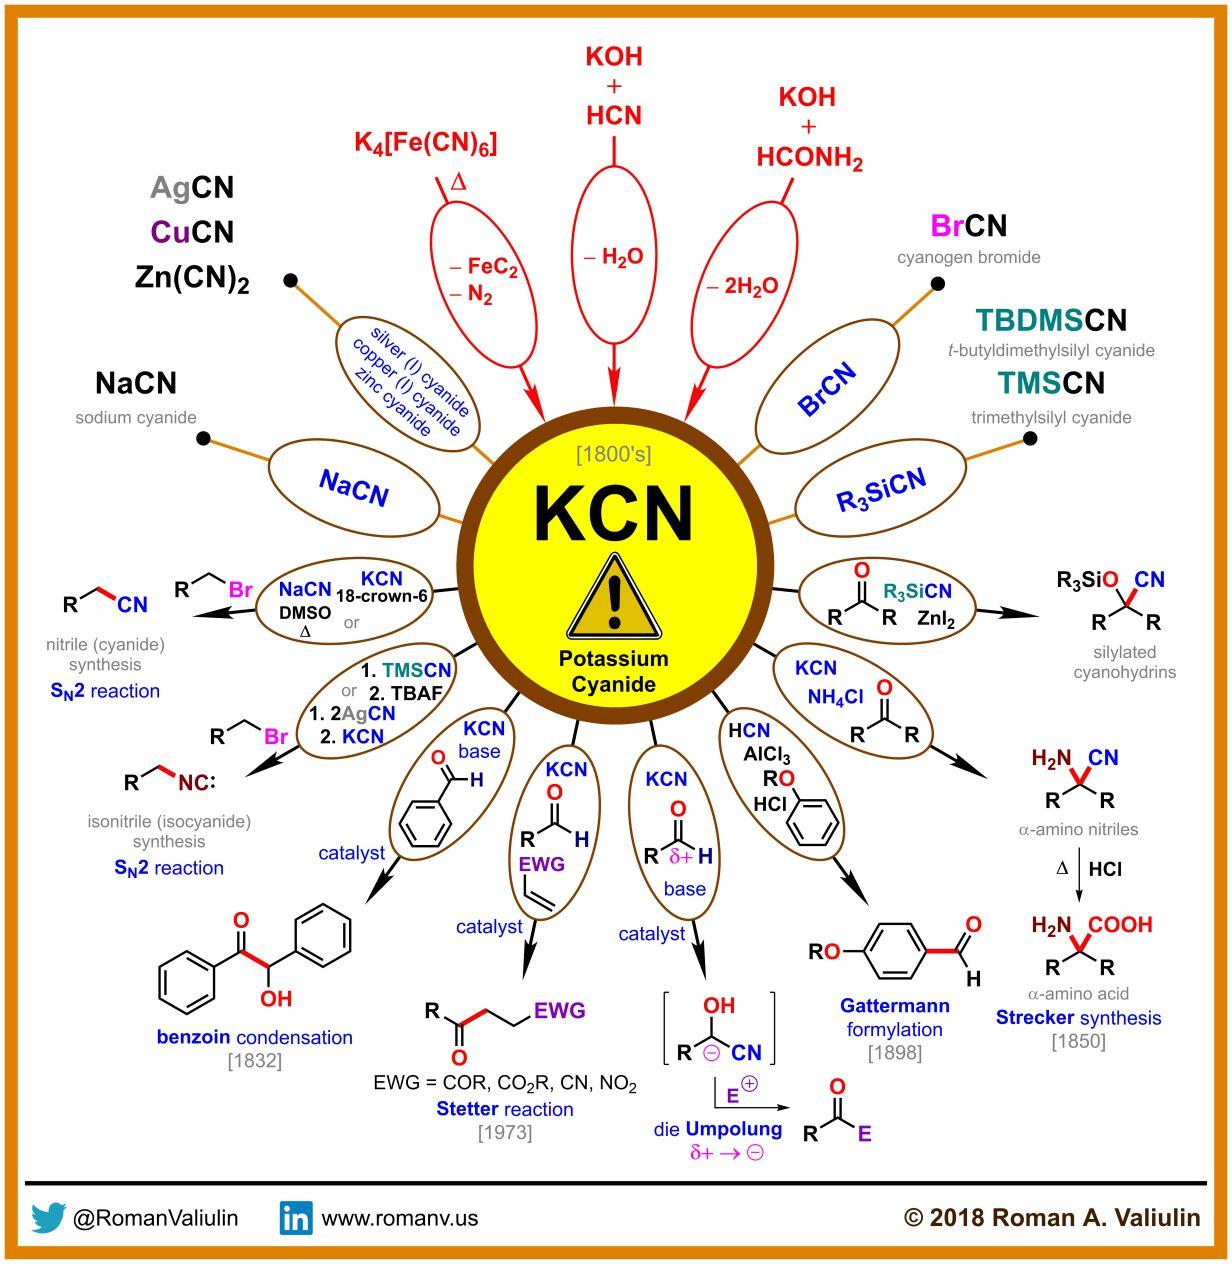 12 Kcn Potassium Cyanide S